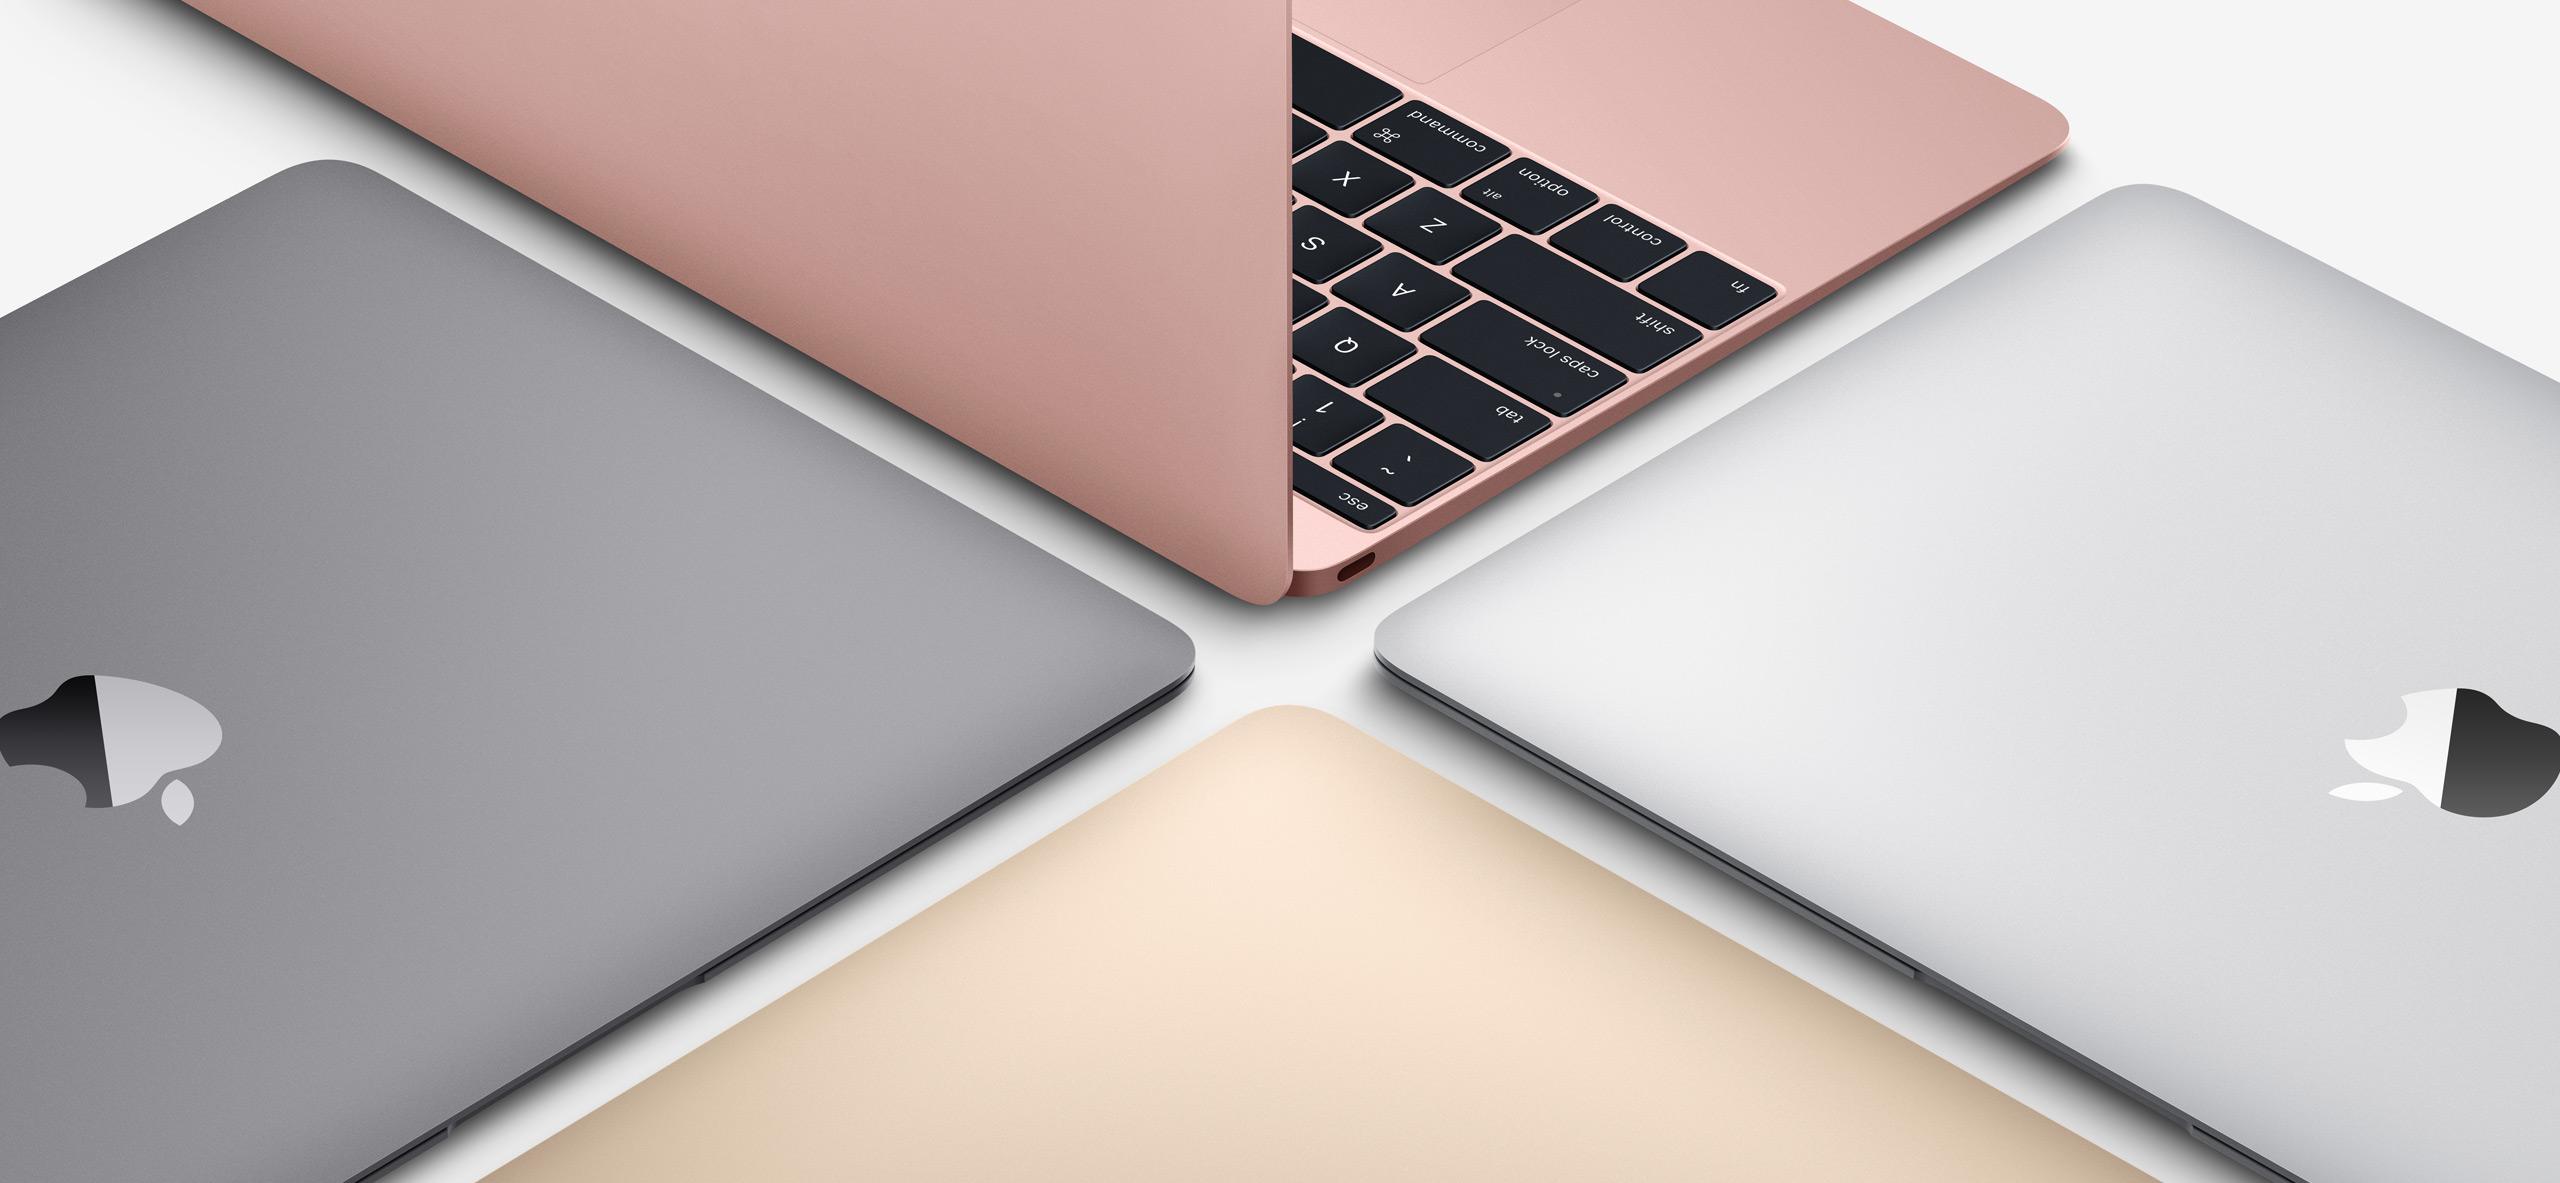 MacBook 2019